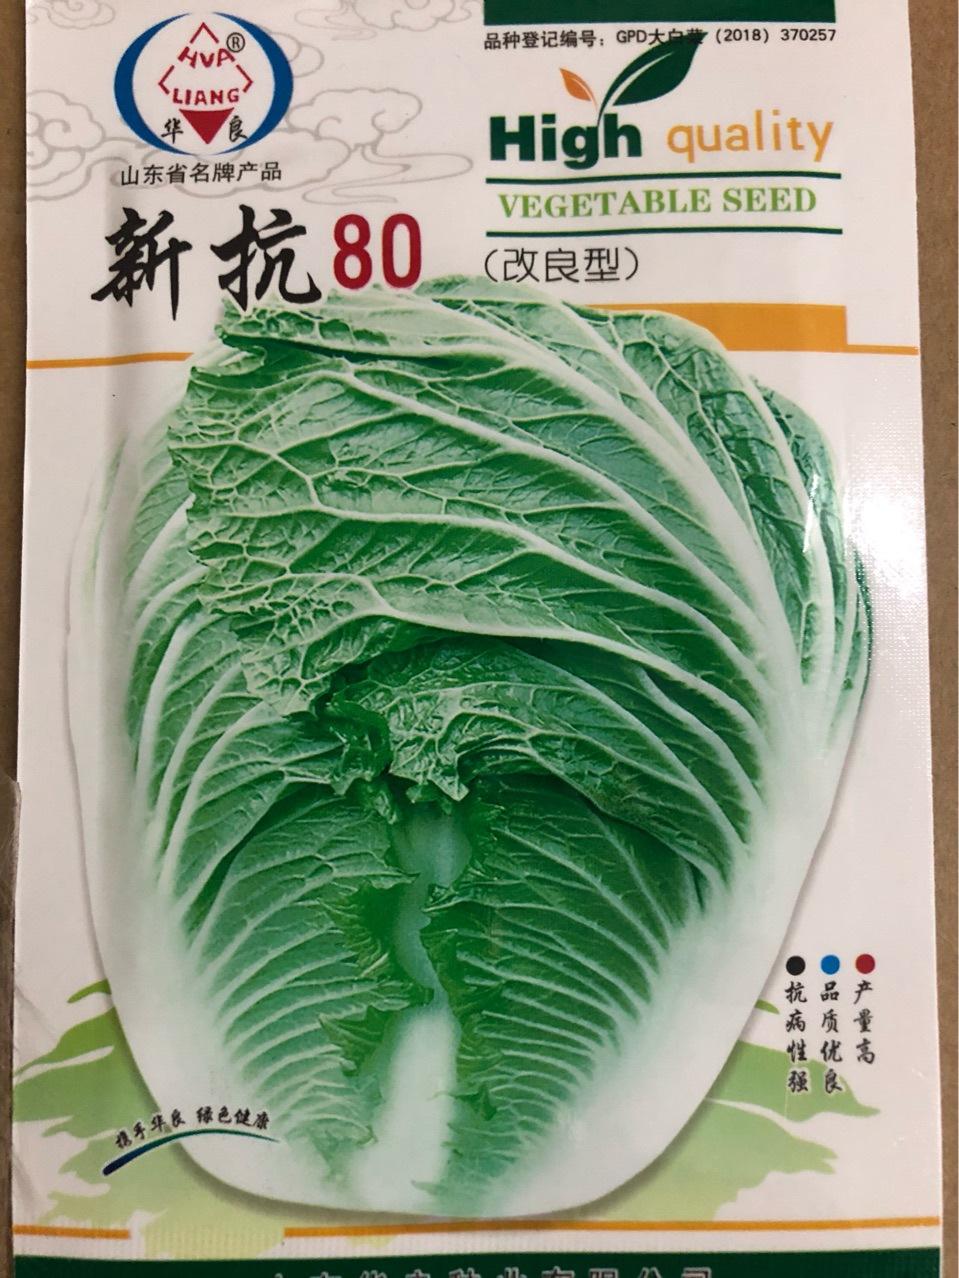 批发山东华良新丰抗80改良型大白菜种子 阳台菜园基地菜籽 直销